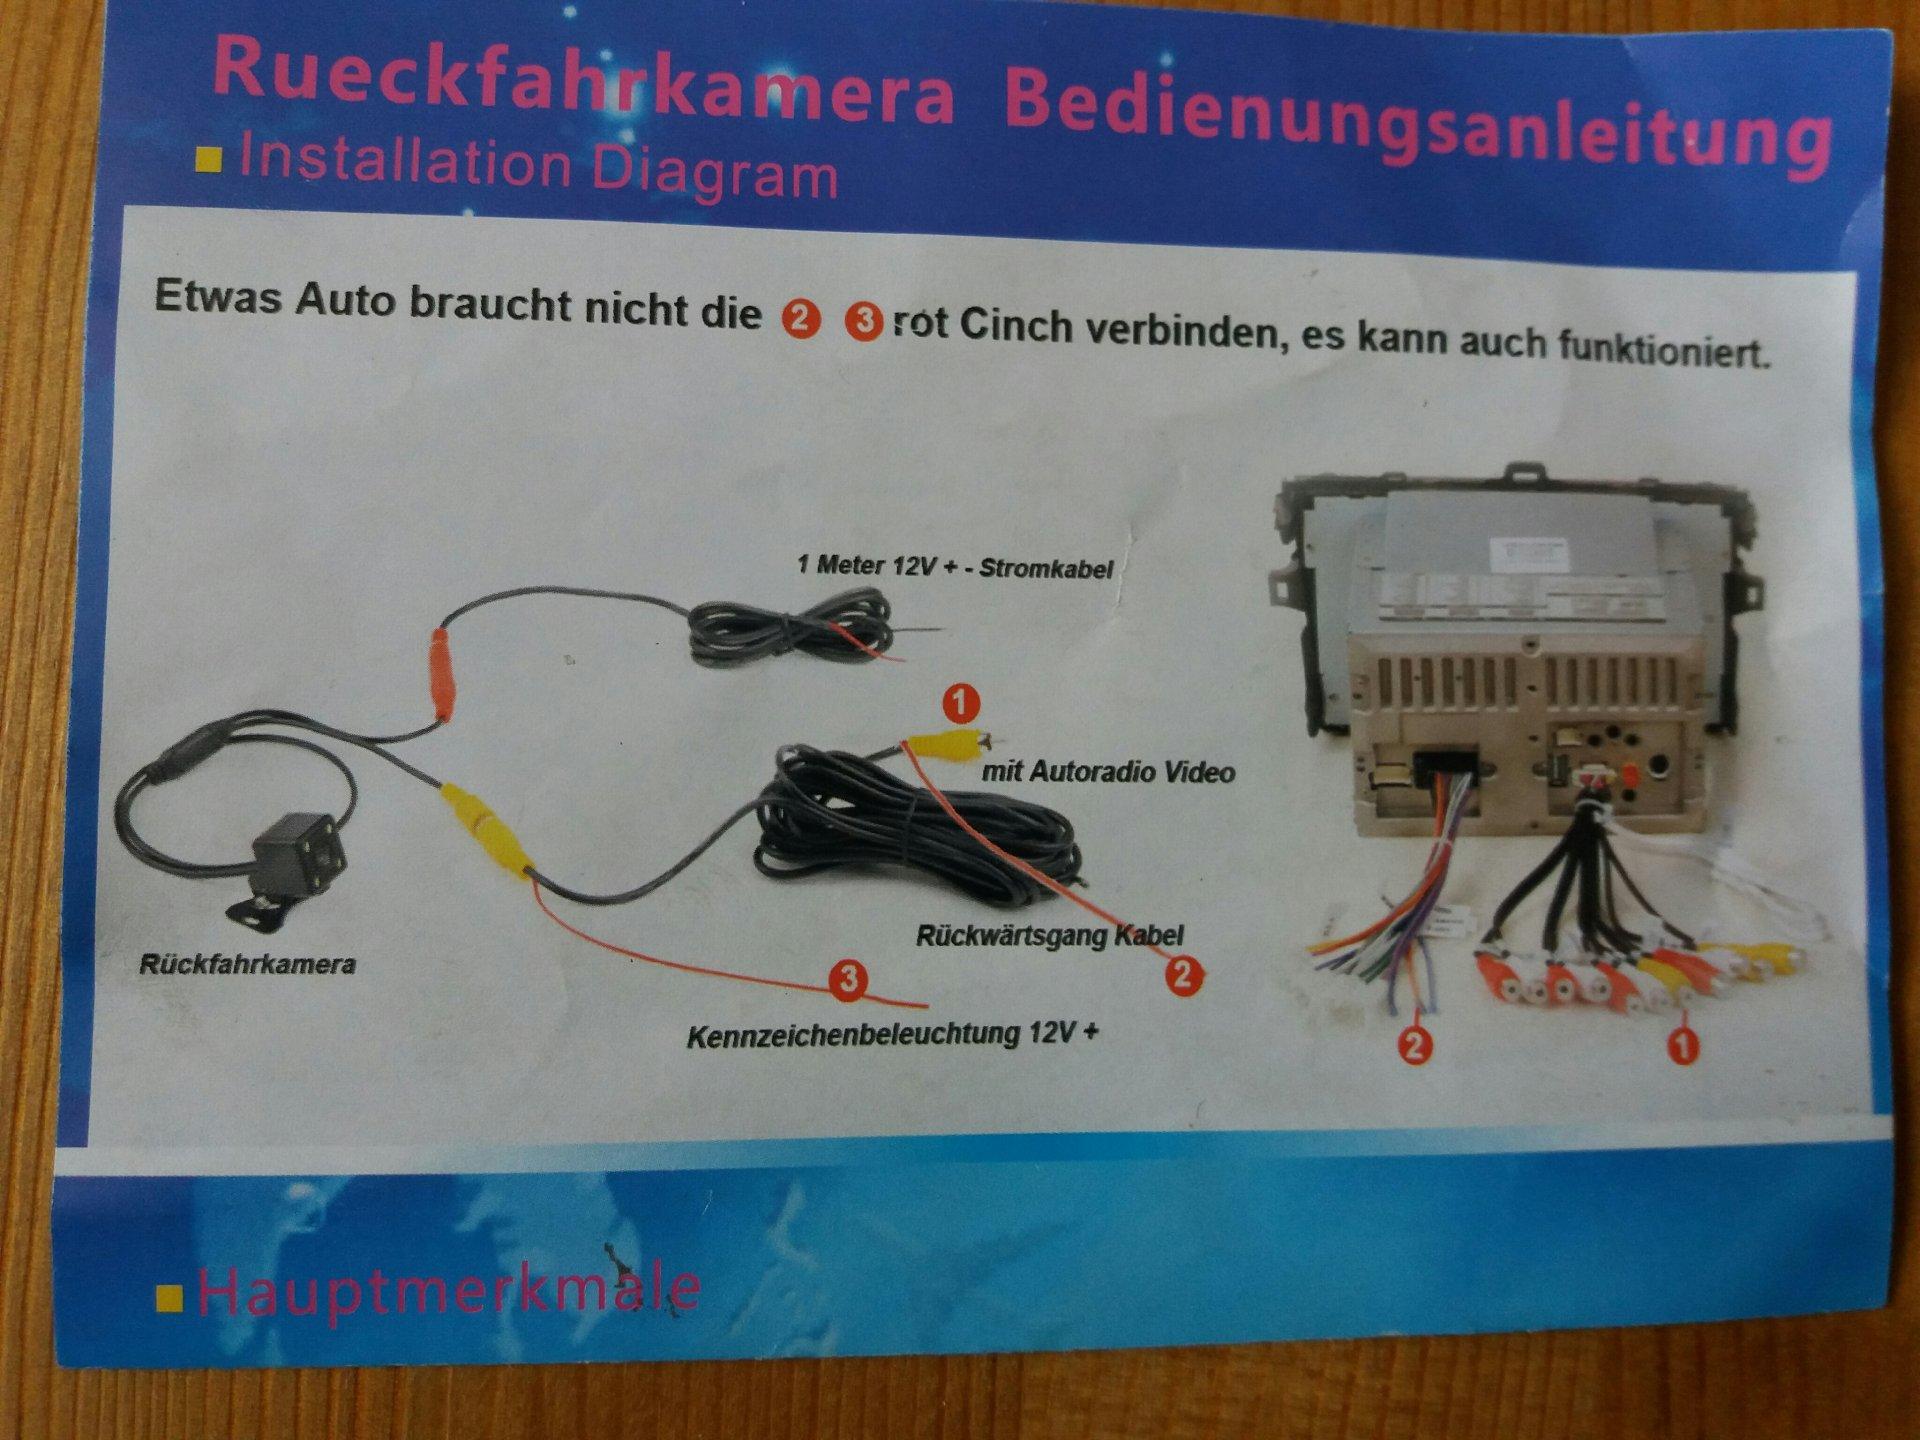 Großzügig Autoradio Kabelbaum Diagramm Bilder - Die Besten ...